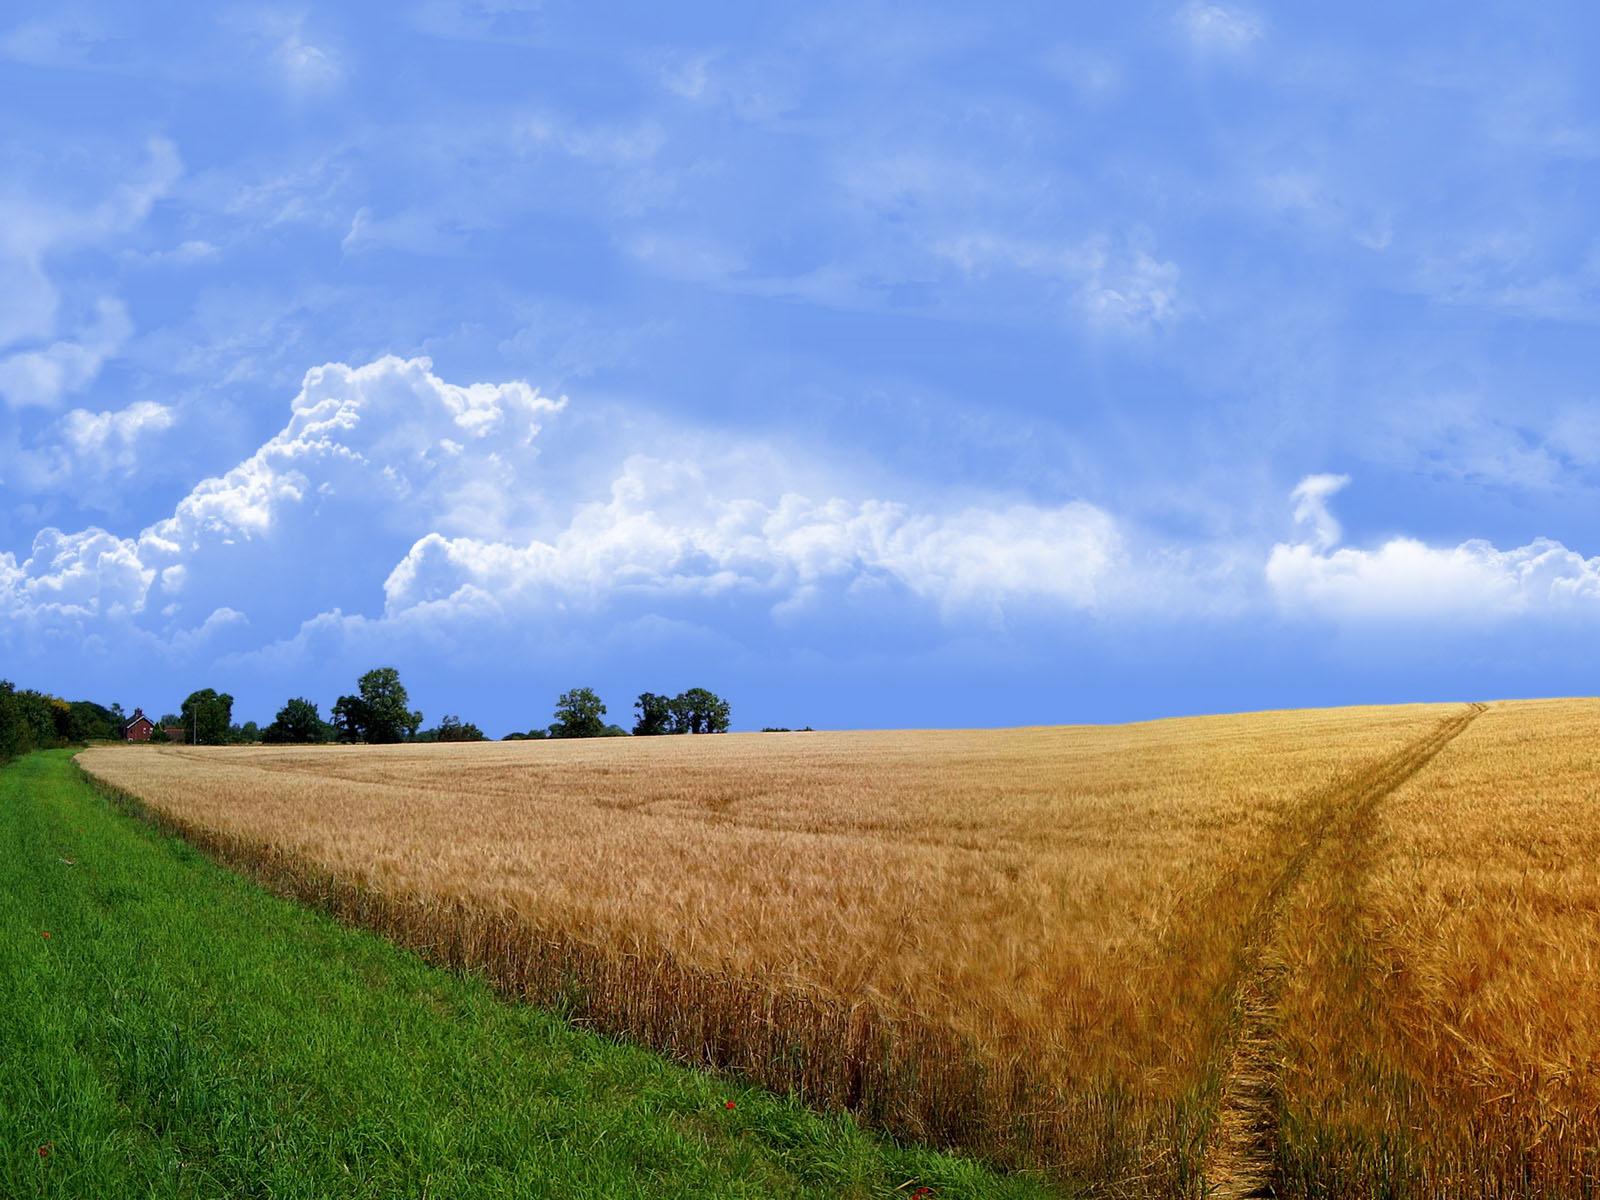 http://2.bp.blogspot.com/-rZPI_hL5LCg/TktOVqooRGI/AAAAAAAAAHw/CPvPK8JdONA/s1600/Nature_summer_Wallpaper6.jpg